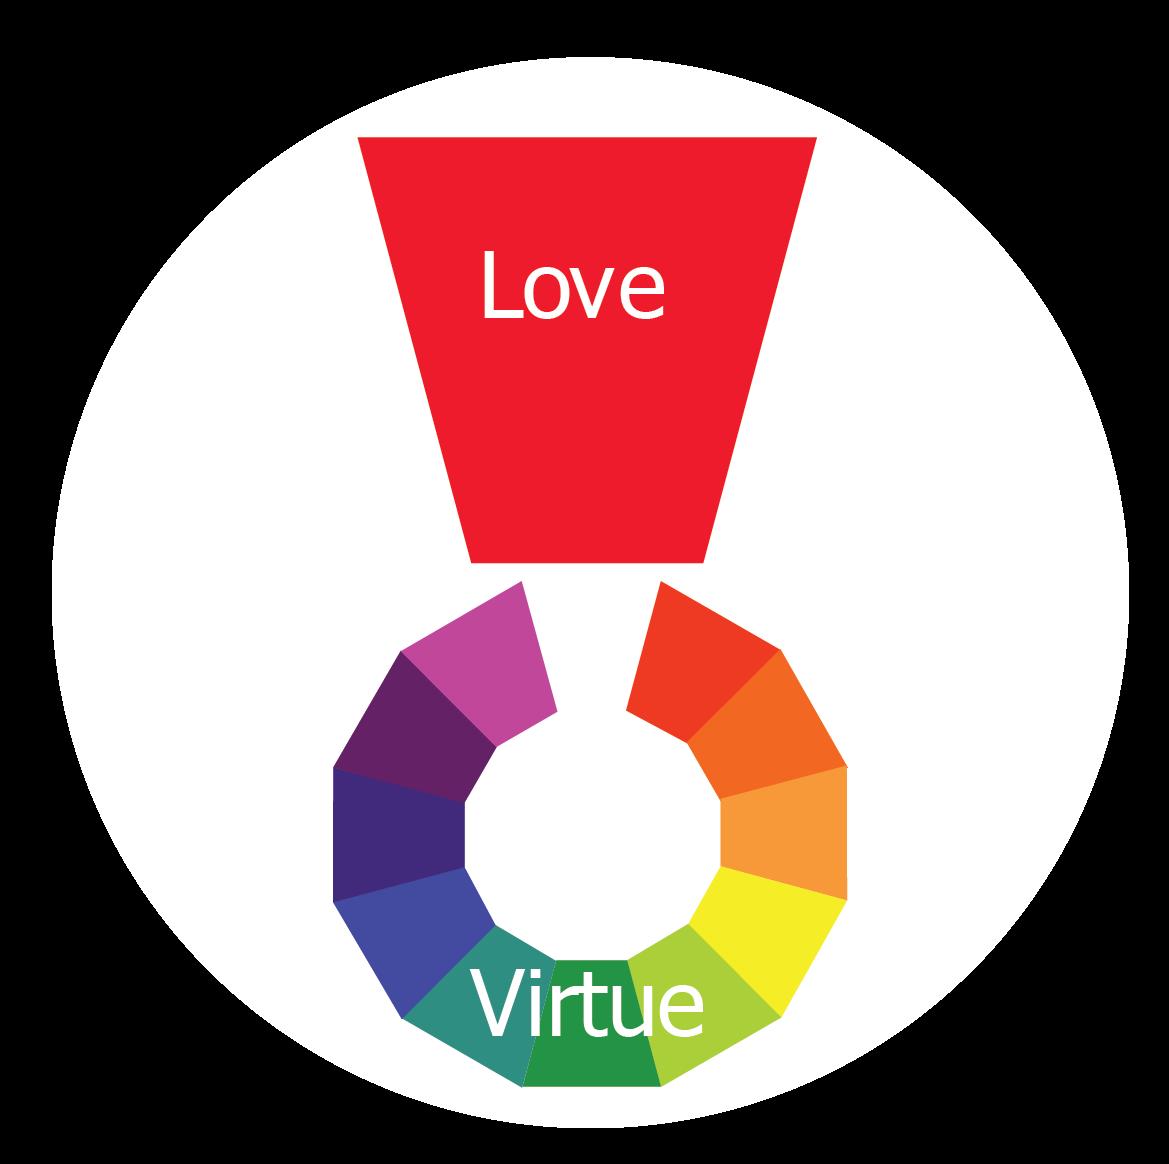 Virtue Wheel V7 clear_41 Loving vs Virtue